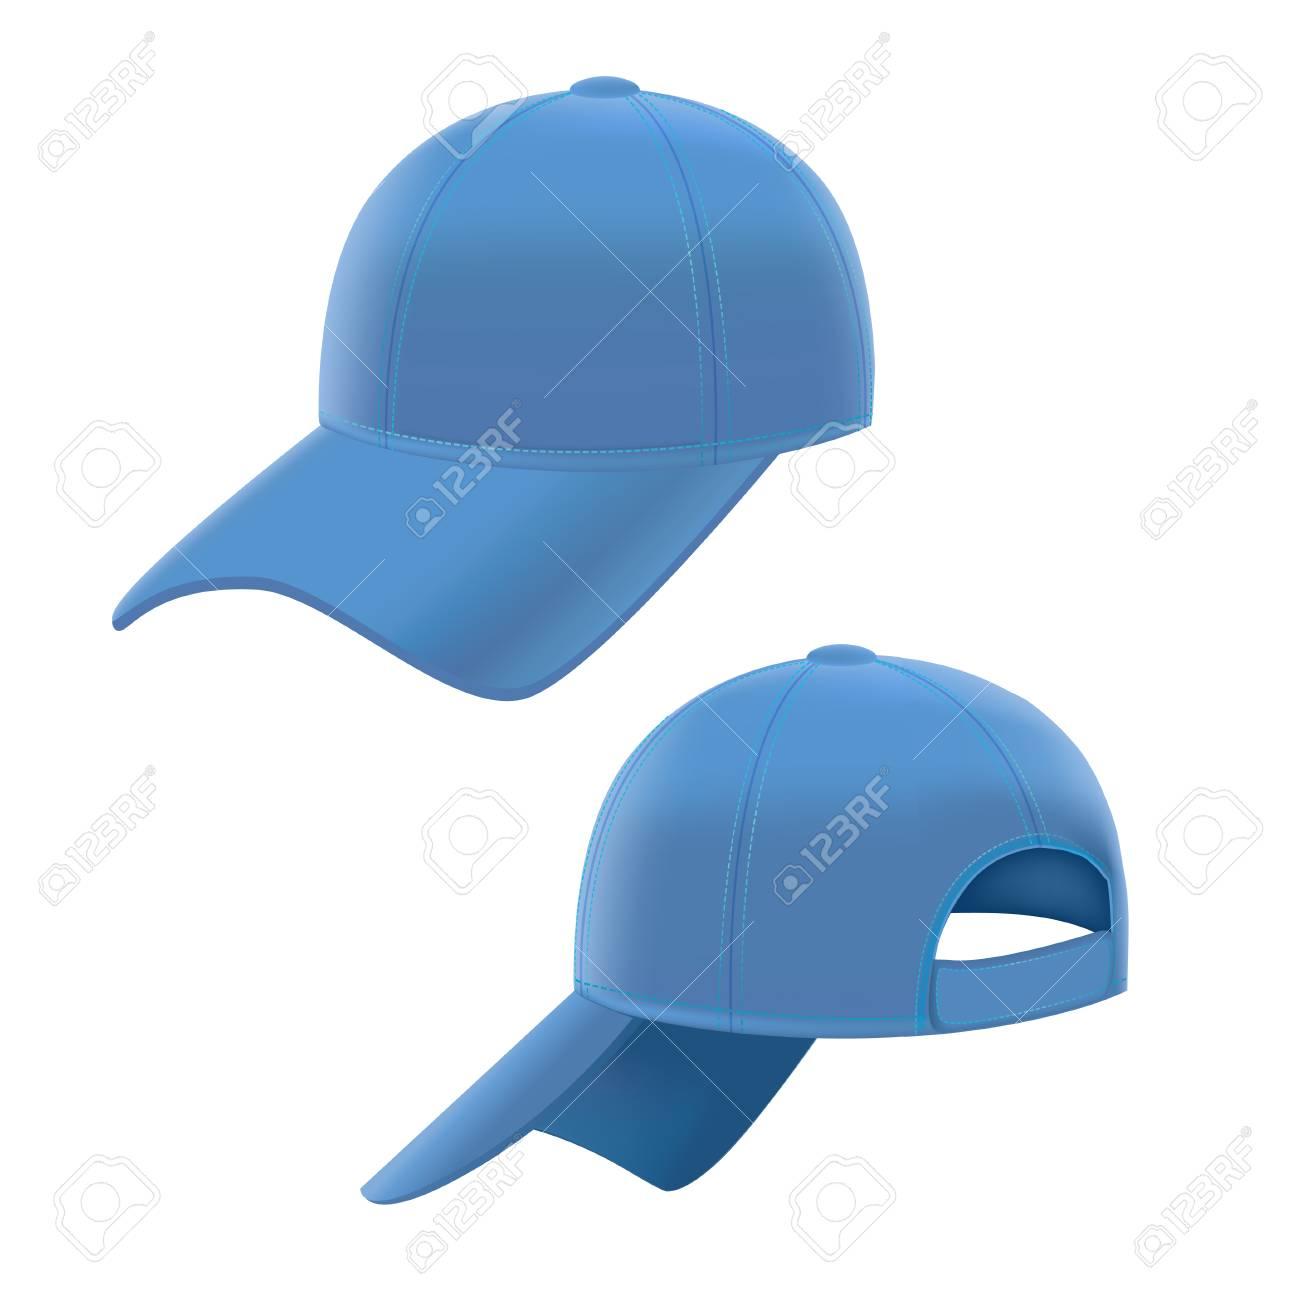 Foto de archivo - Realista gorra de béisbol azul en el fondo blanco.  Ilustración vectorial 870f5459cc6